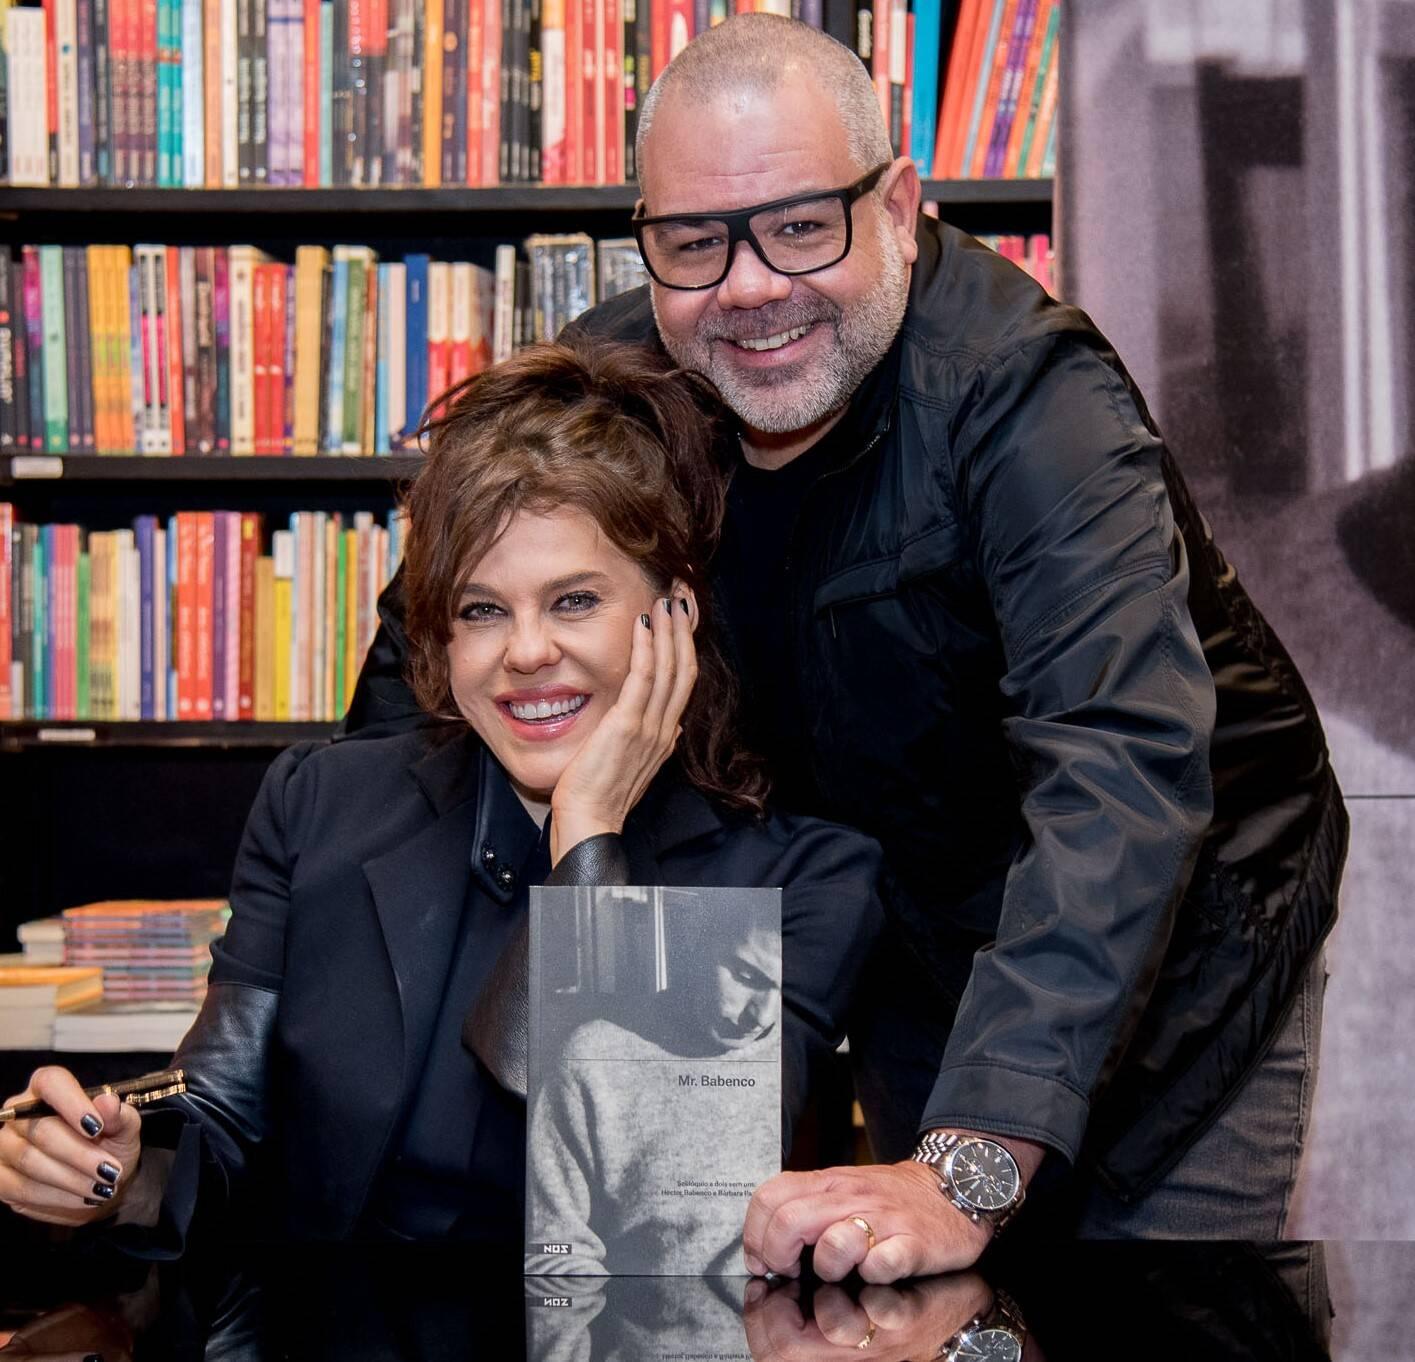 Bárbara Paz e Marcus Montenegro  /Foto: Ana Paula Amorim